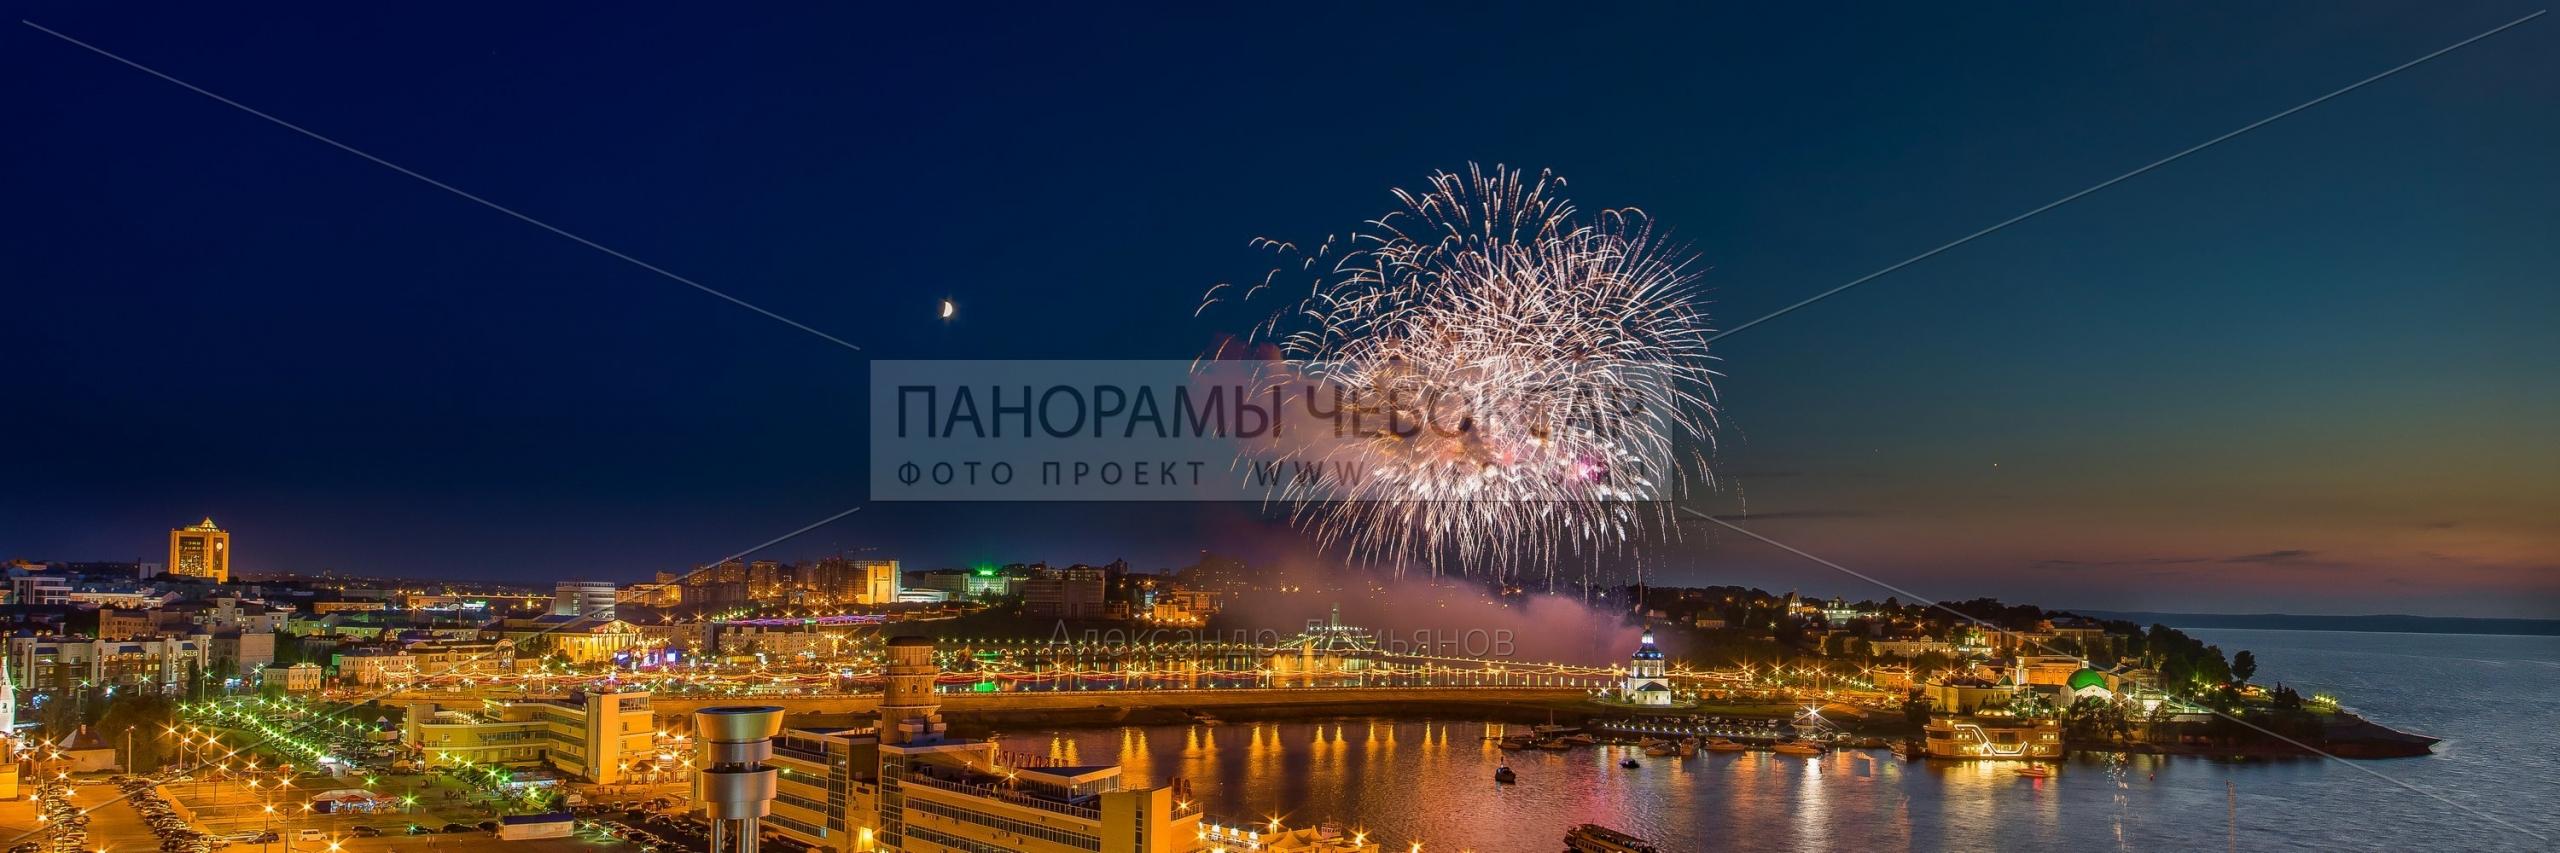 Фестиваль салютов Чебоксары 2015